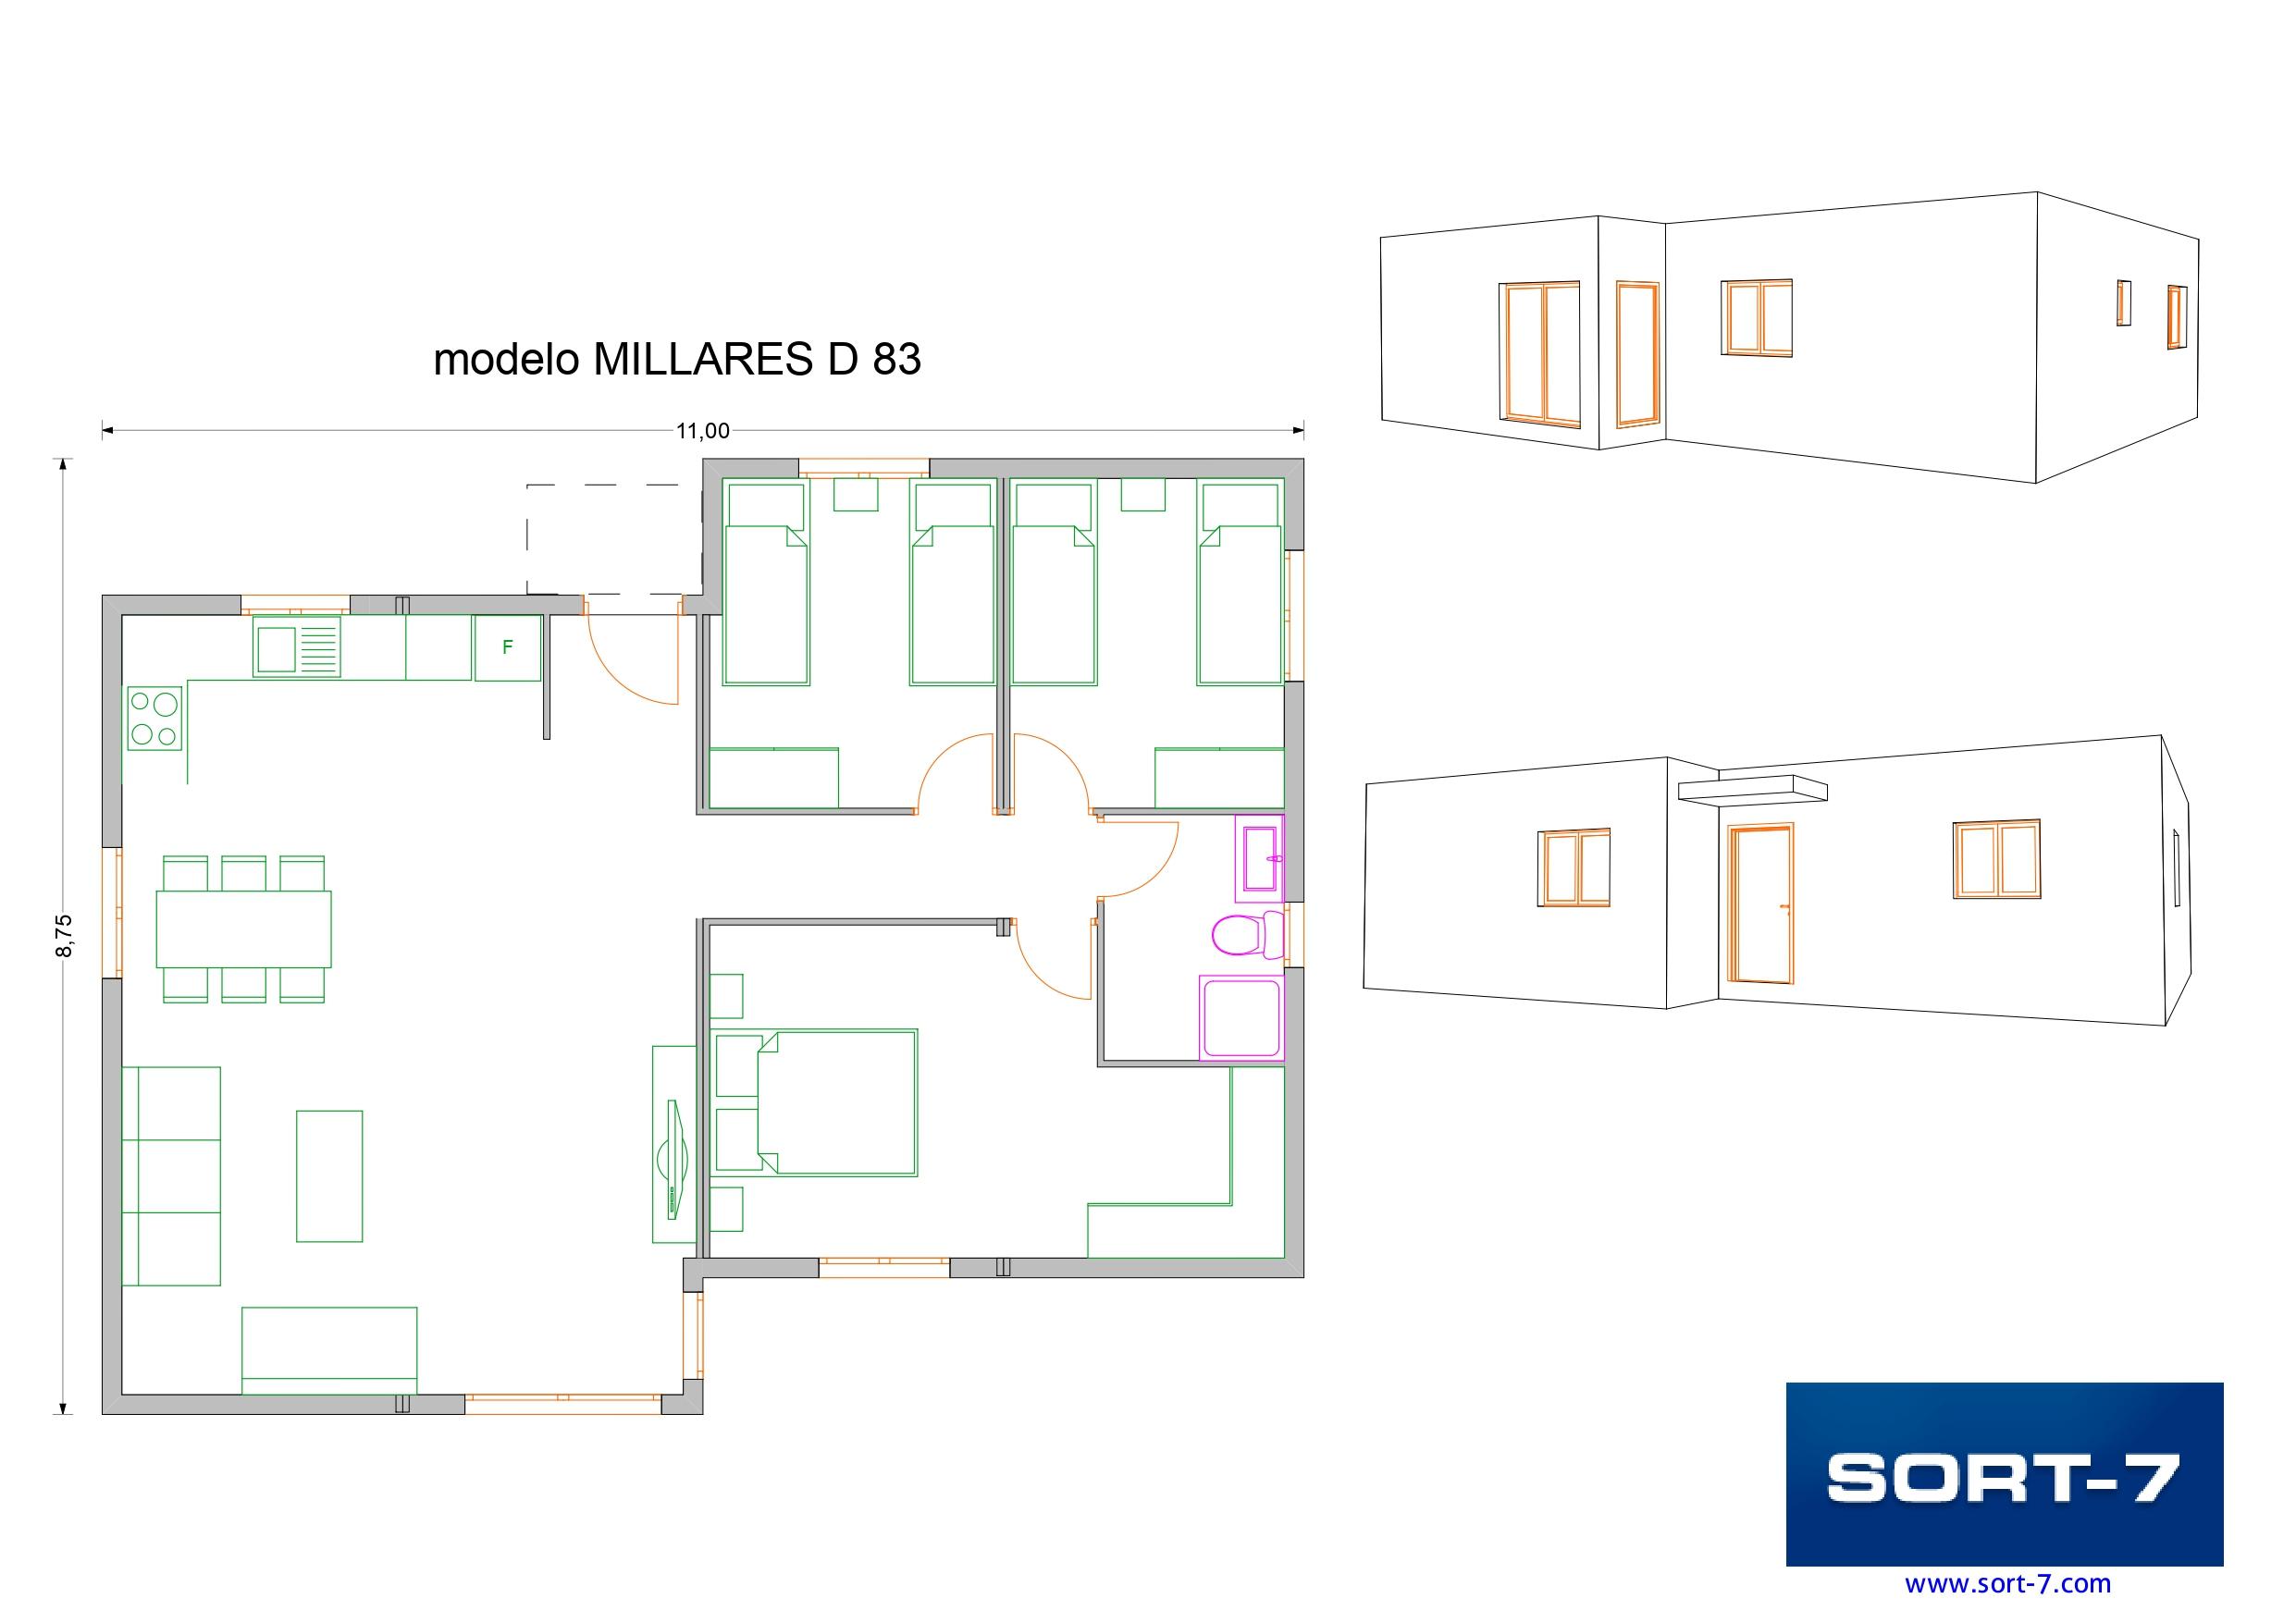 Solicitar presupuesto: Modelo 83m² Millares D - 4aa2d-83-MILLARES-D-vistas3_page-0001.jpg